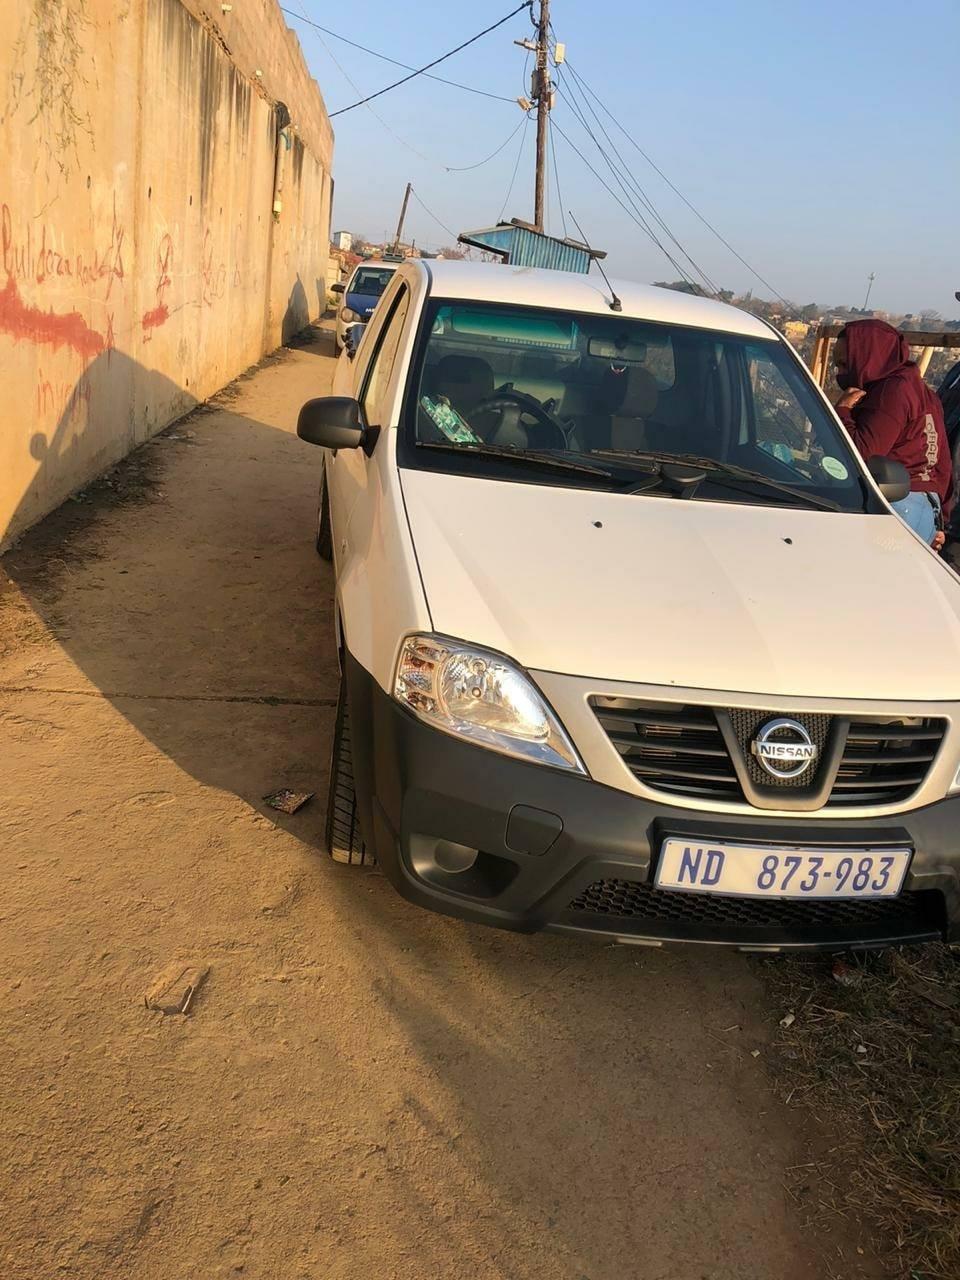 Stolen vehicle recovered in Winkelspruit